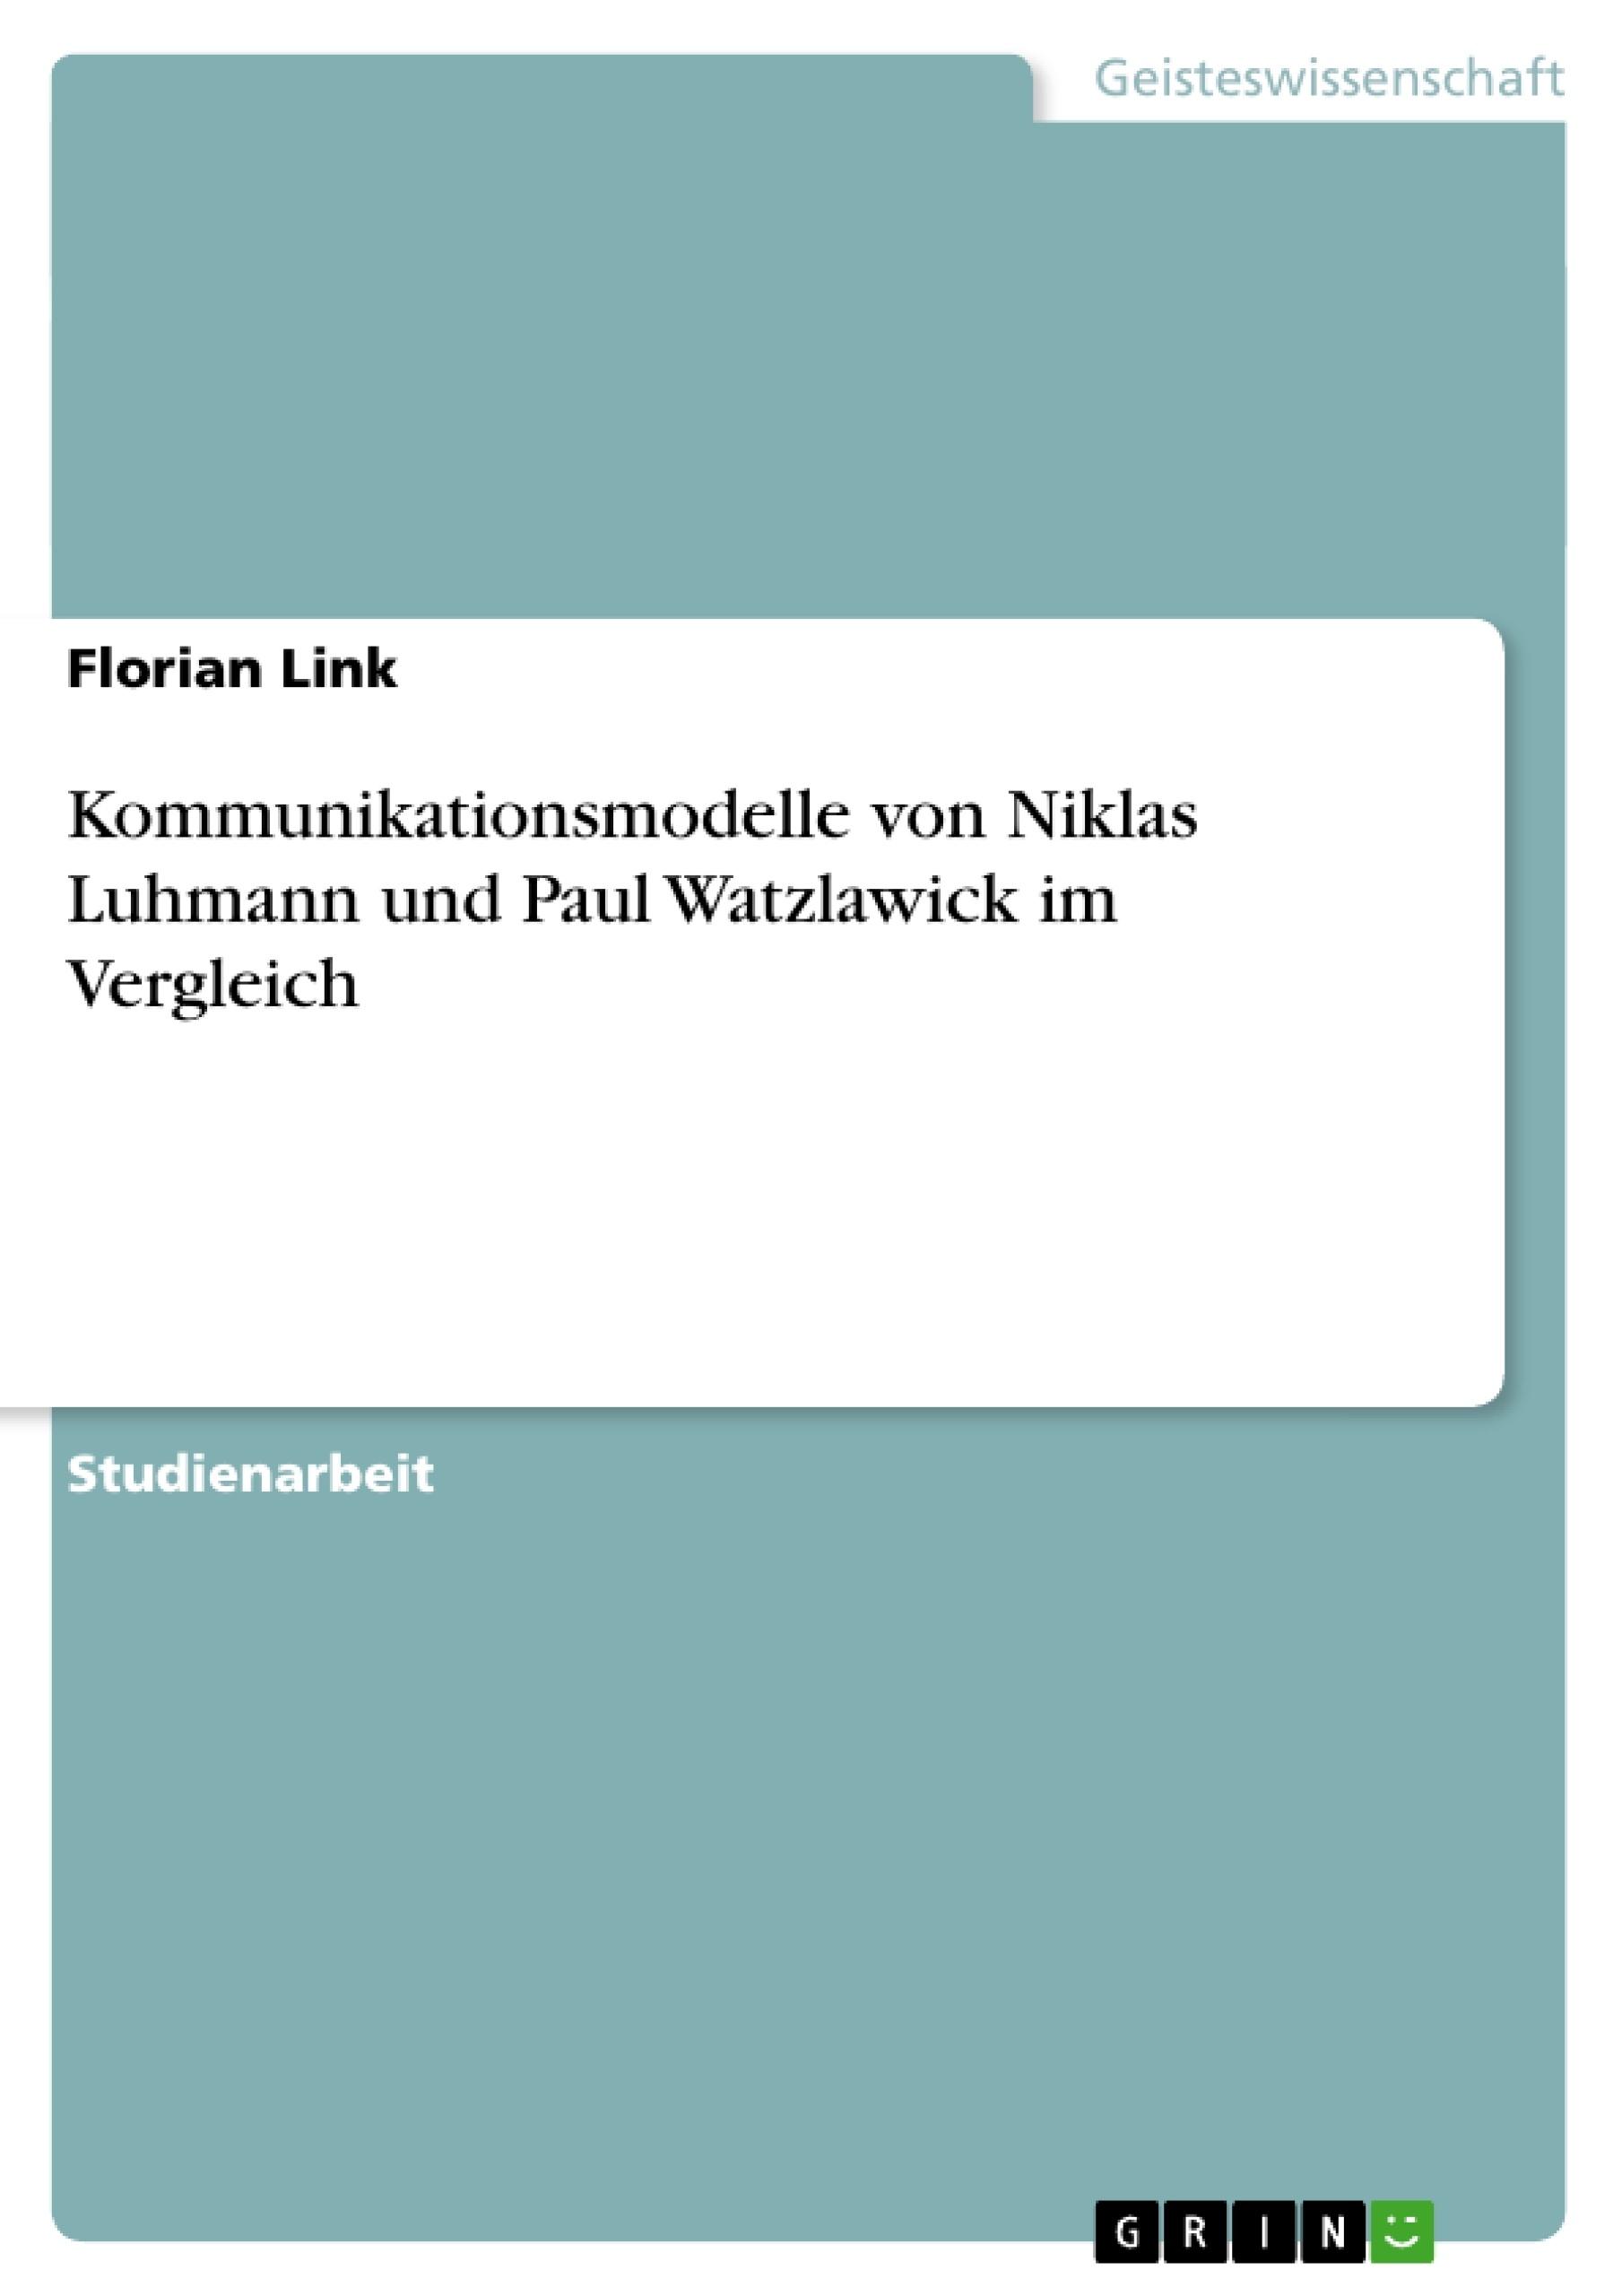 Titel: Kommunikationsmodelle von Niklas Luhmann und Paul Watzlawick im Vergleich